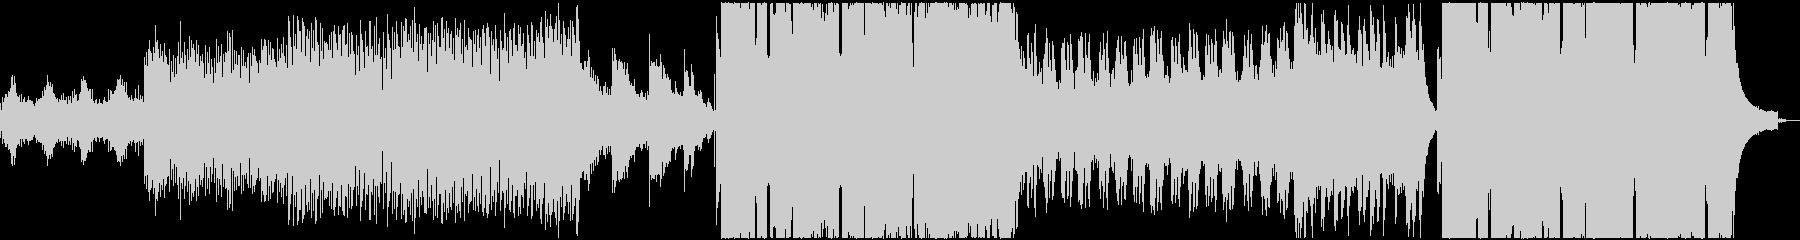 電気研究所インスピレーションを高め...の未再生の波形